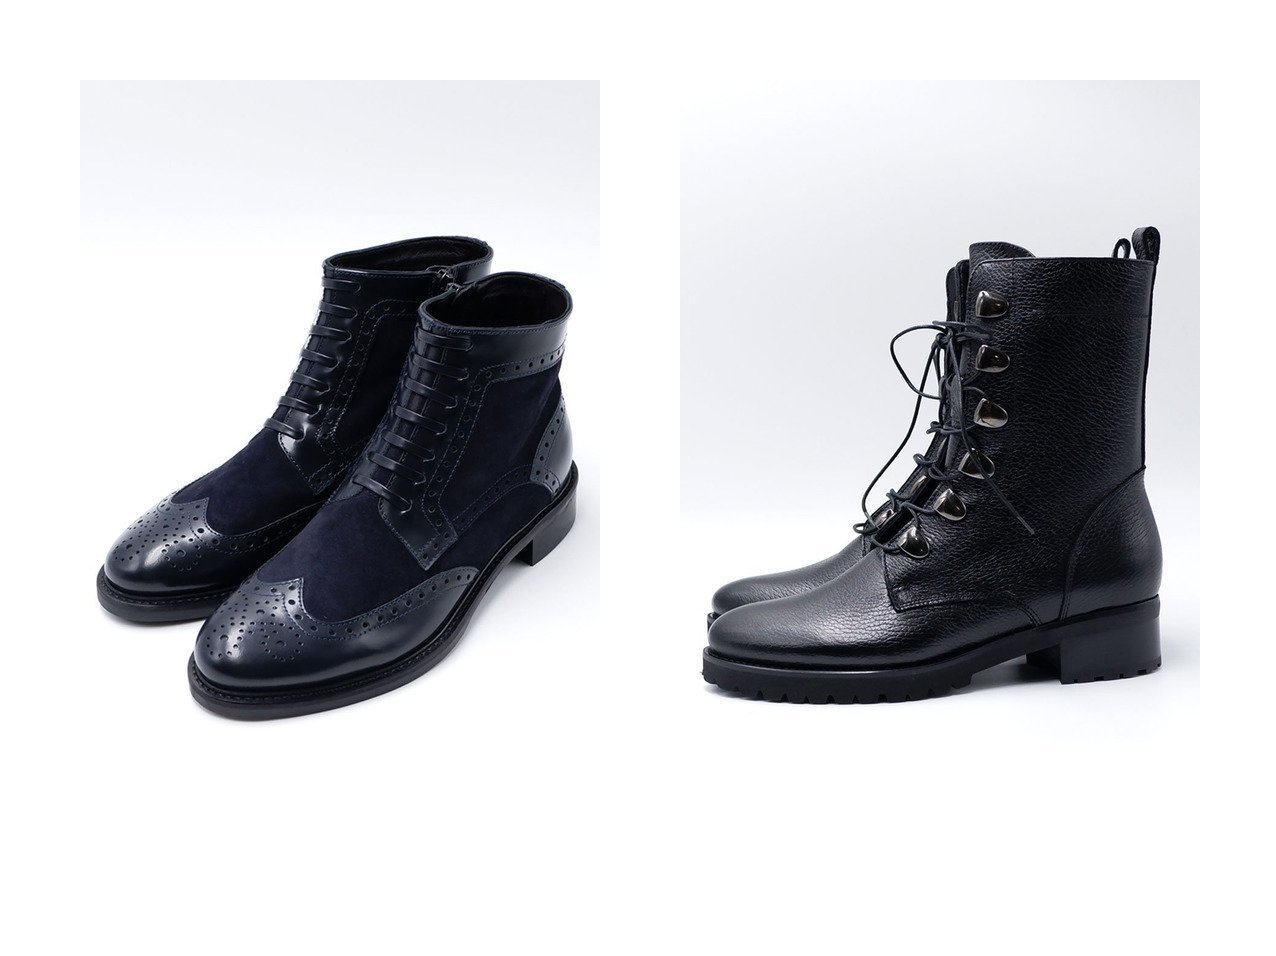 【LucaGrossi/ルカグロッシ】のウィングレースアップブーツ&レースアップブーツ シューズ・靴のおすすめ!人気、レディースファッションの通販  おすすめで人気のファッション通販商品 インテリア・家具・キッズファッション・メンズファッション・レディースファッション・服の通販 founy(ファニー) https://founy.com/ ファッション Fashion レディース WOMEN ウィングチップ コンビ サイドジップ ミドル |ID:crp329100000000095